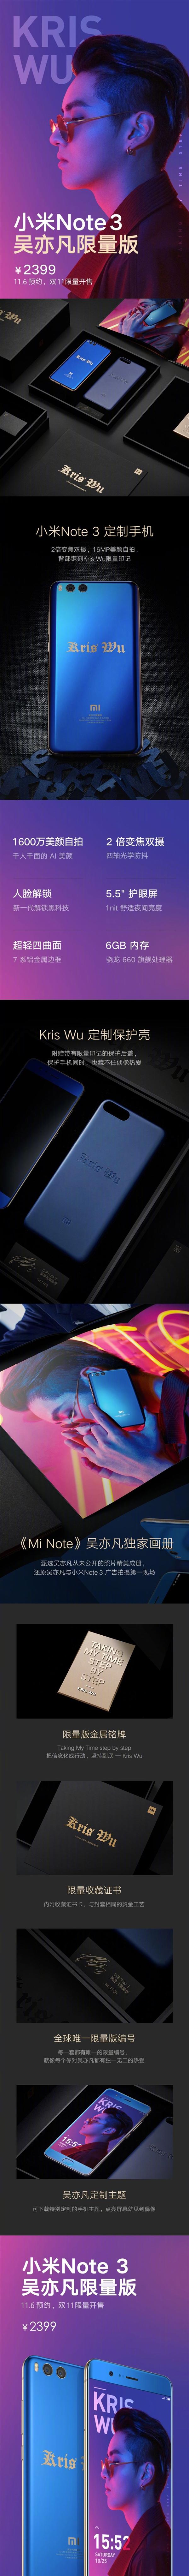 2399元!吴亦凡定制版小米Note 3发布:限量3000套的照片 - 2